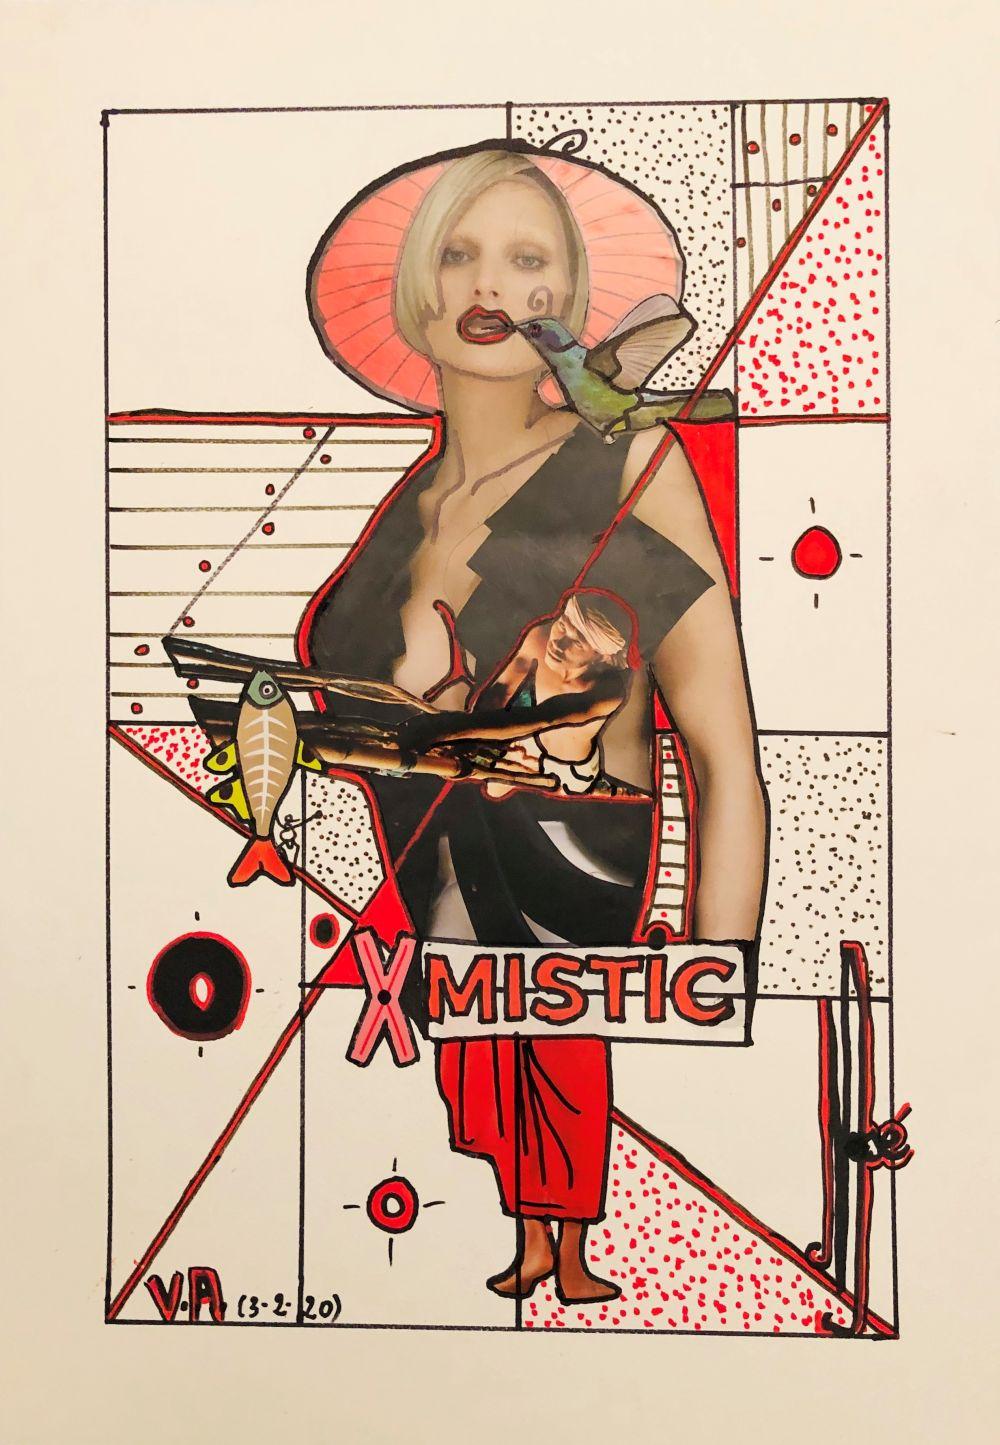 xmystic-R